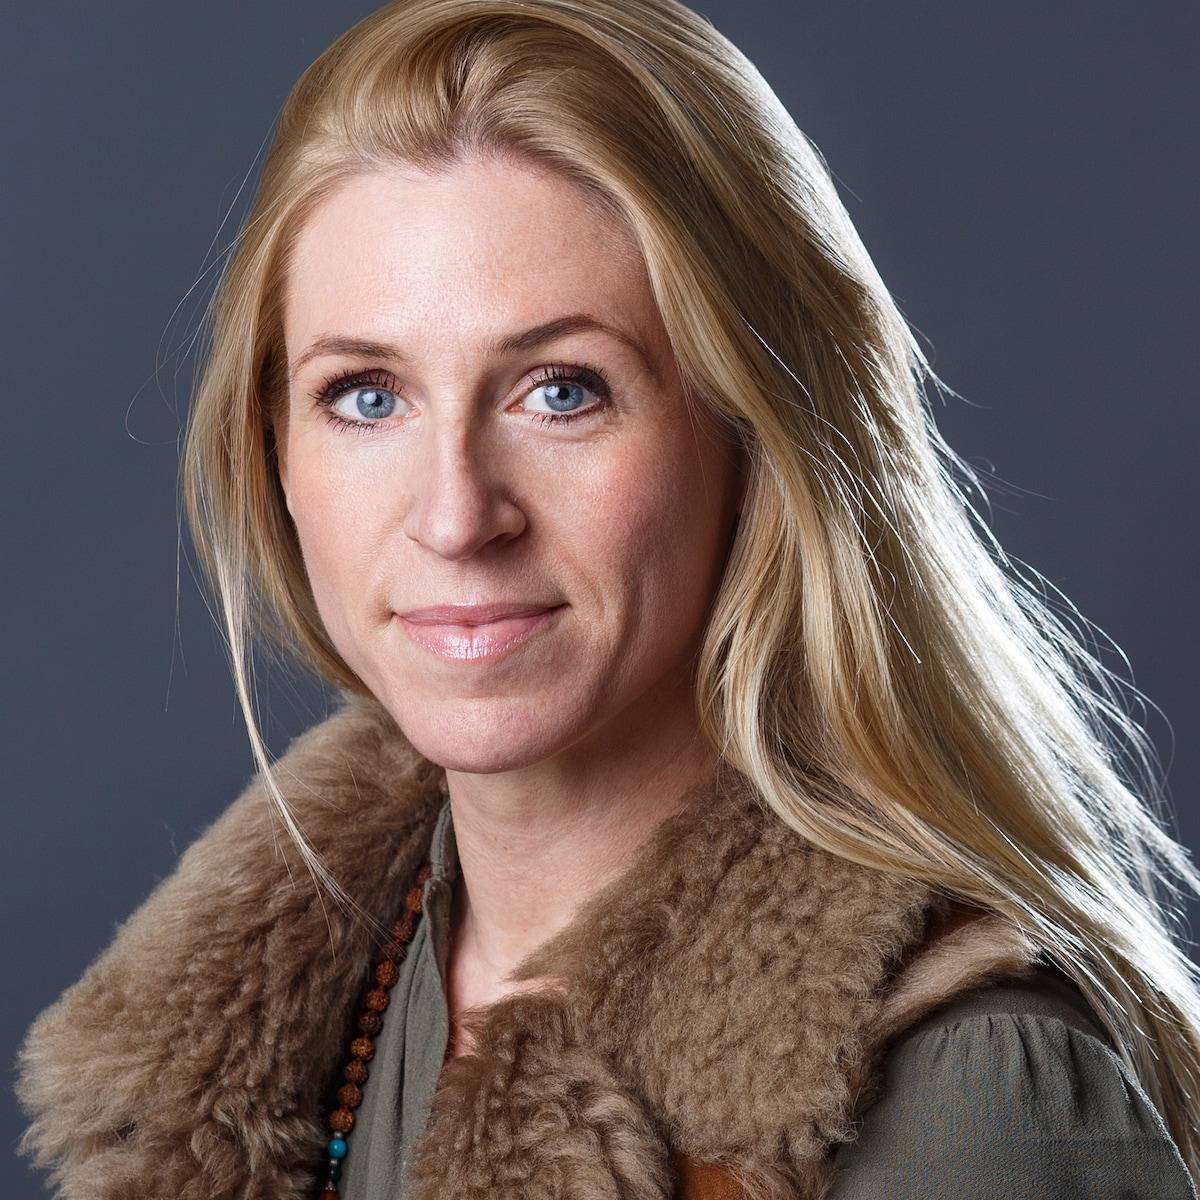 Liselotte from Amstelveen